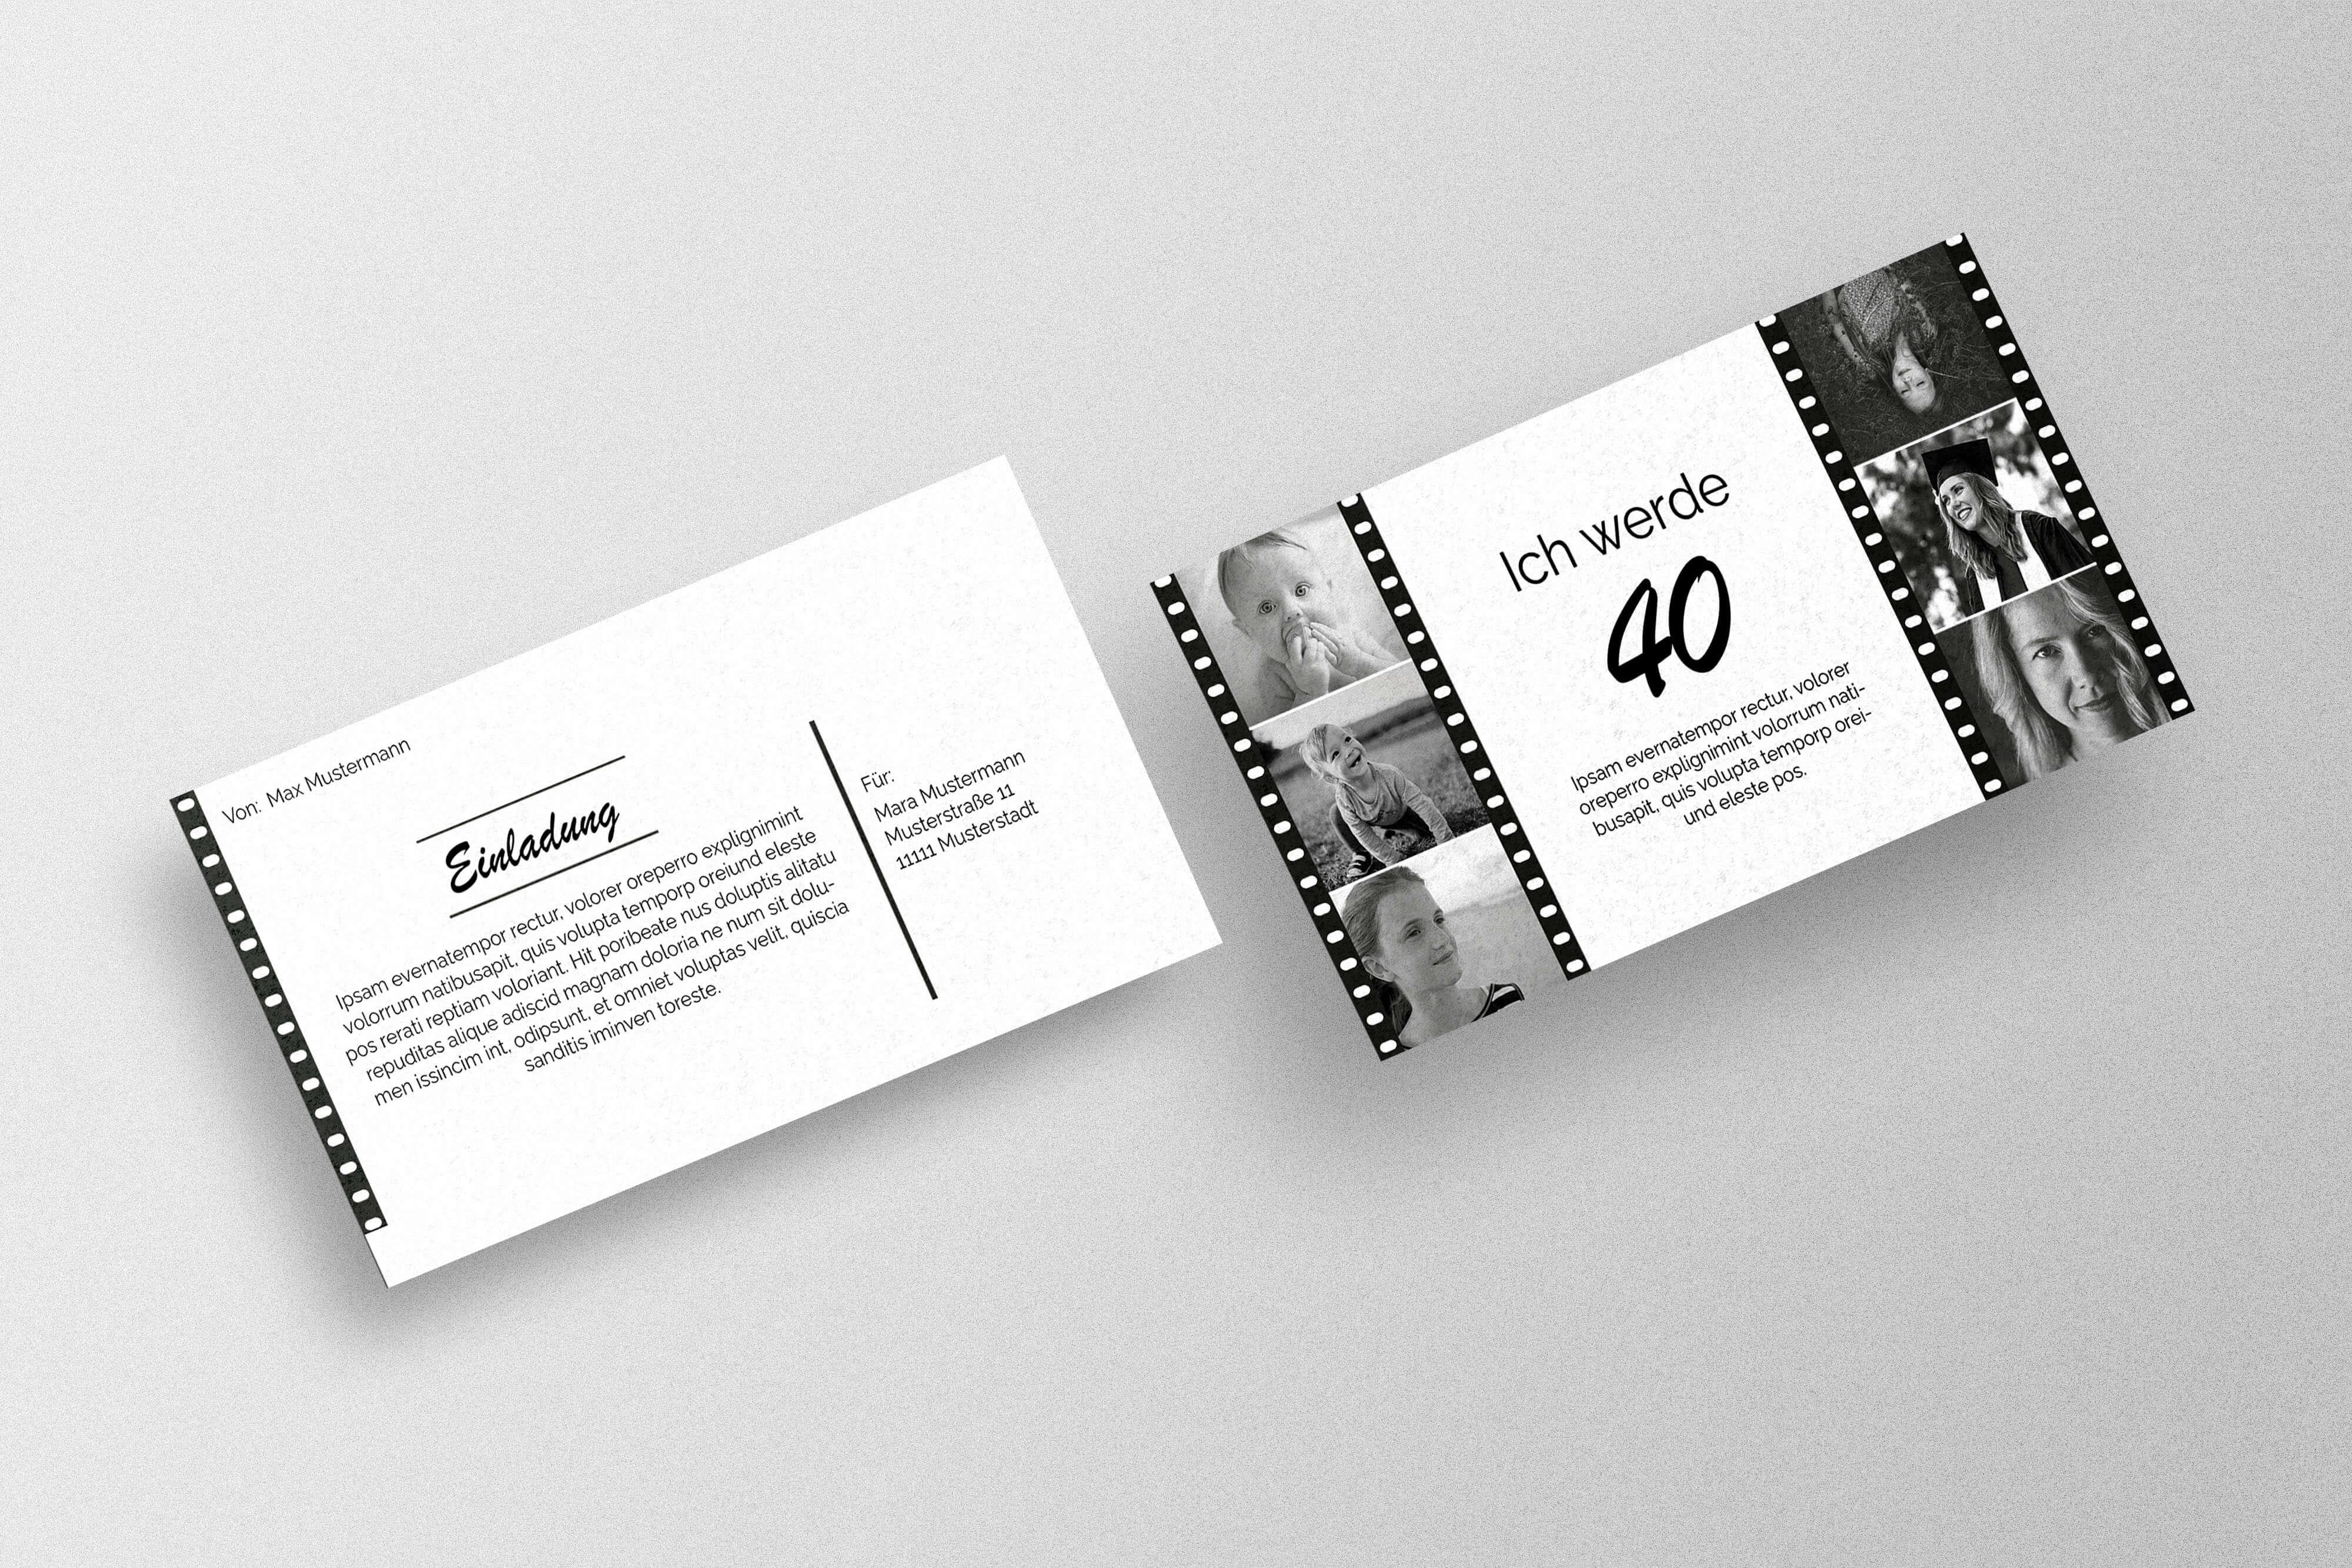 Einladungskarte zum 40. Geburtstag gestalten und drucken